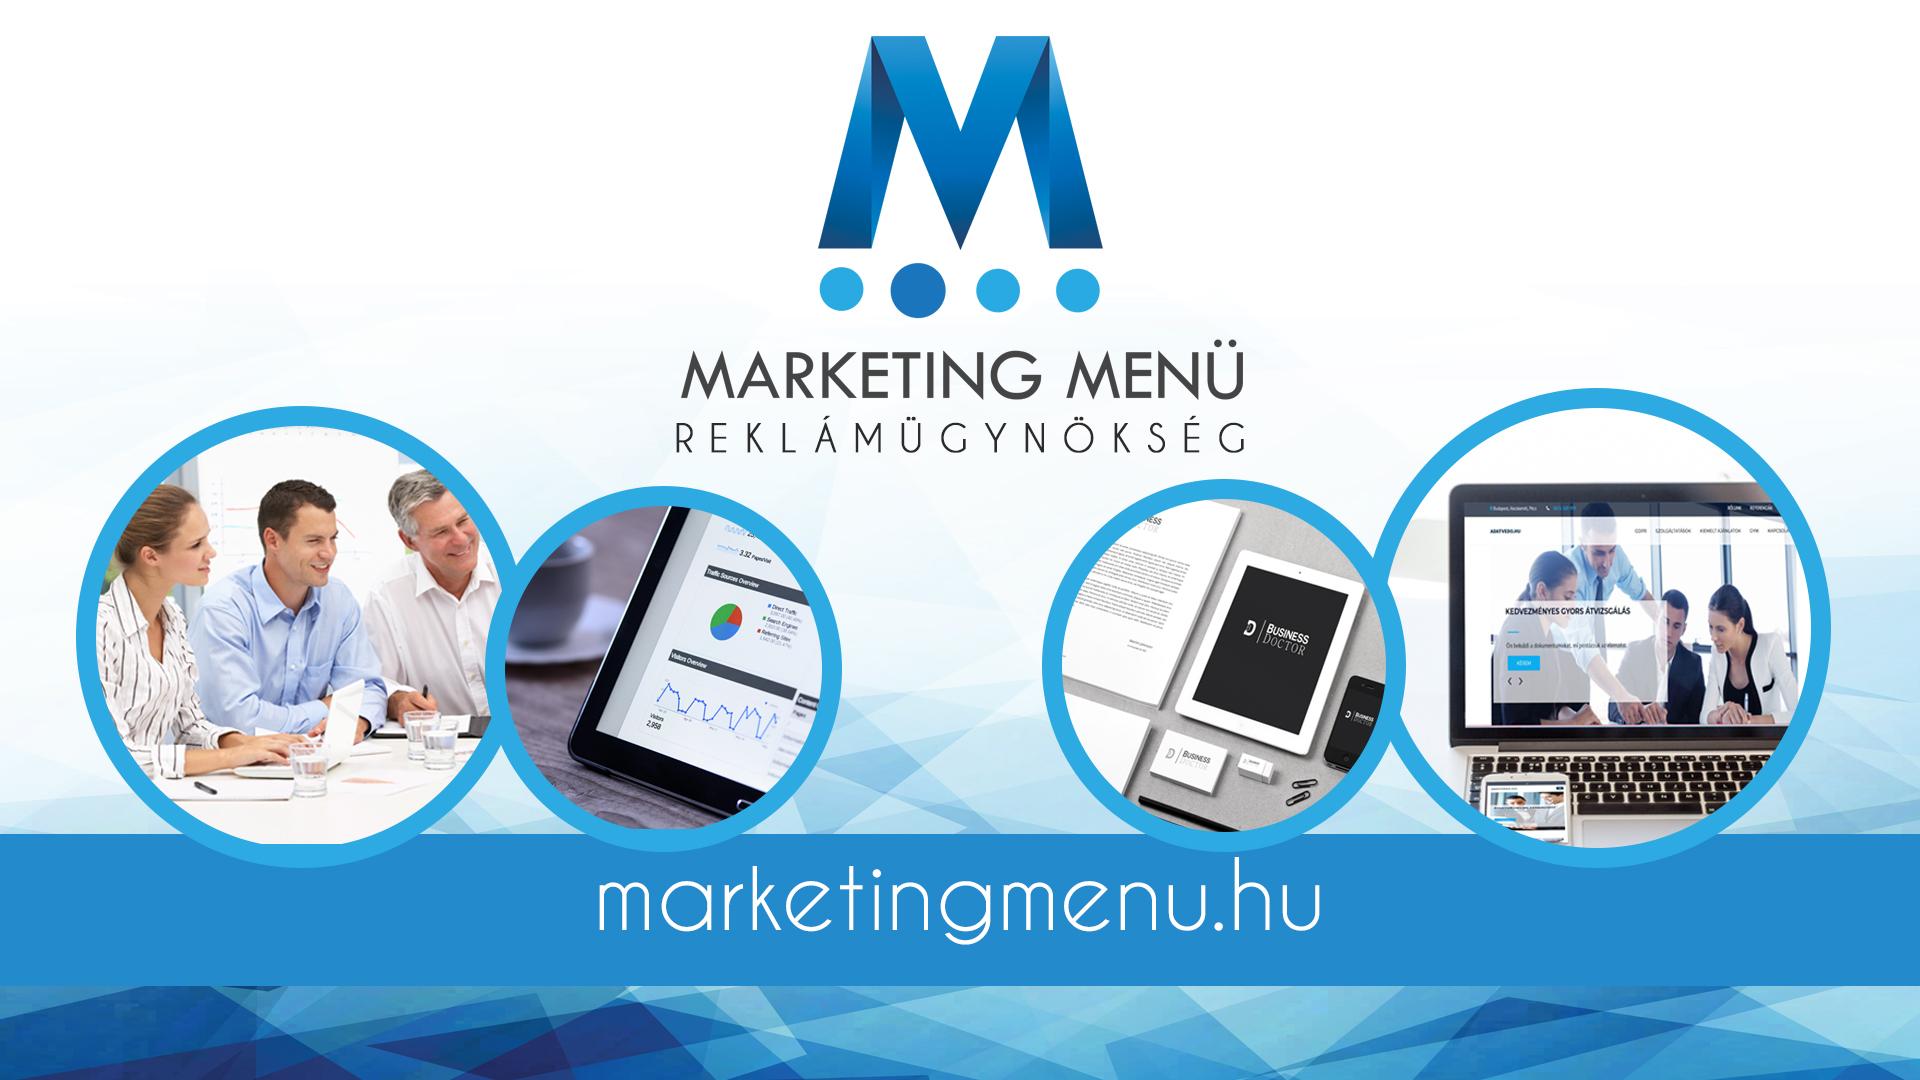 MarketingMenü1920_1080